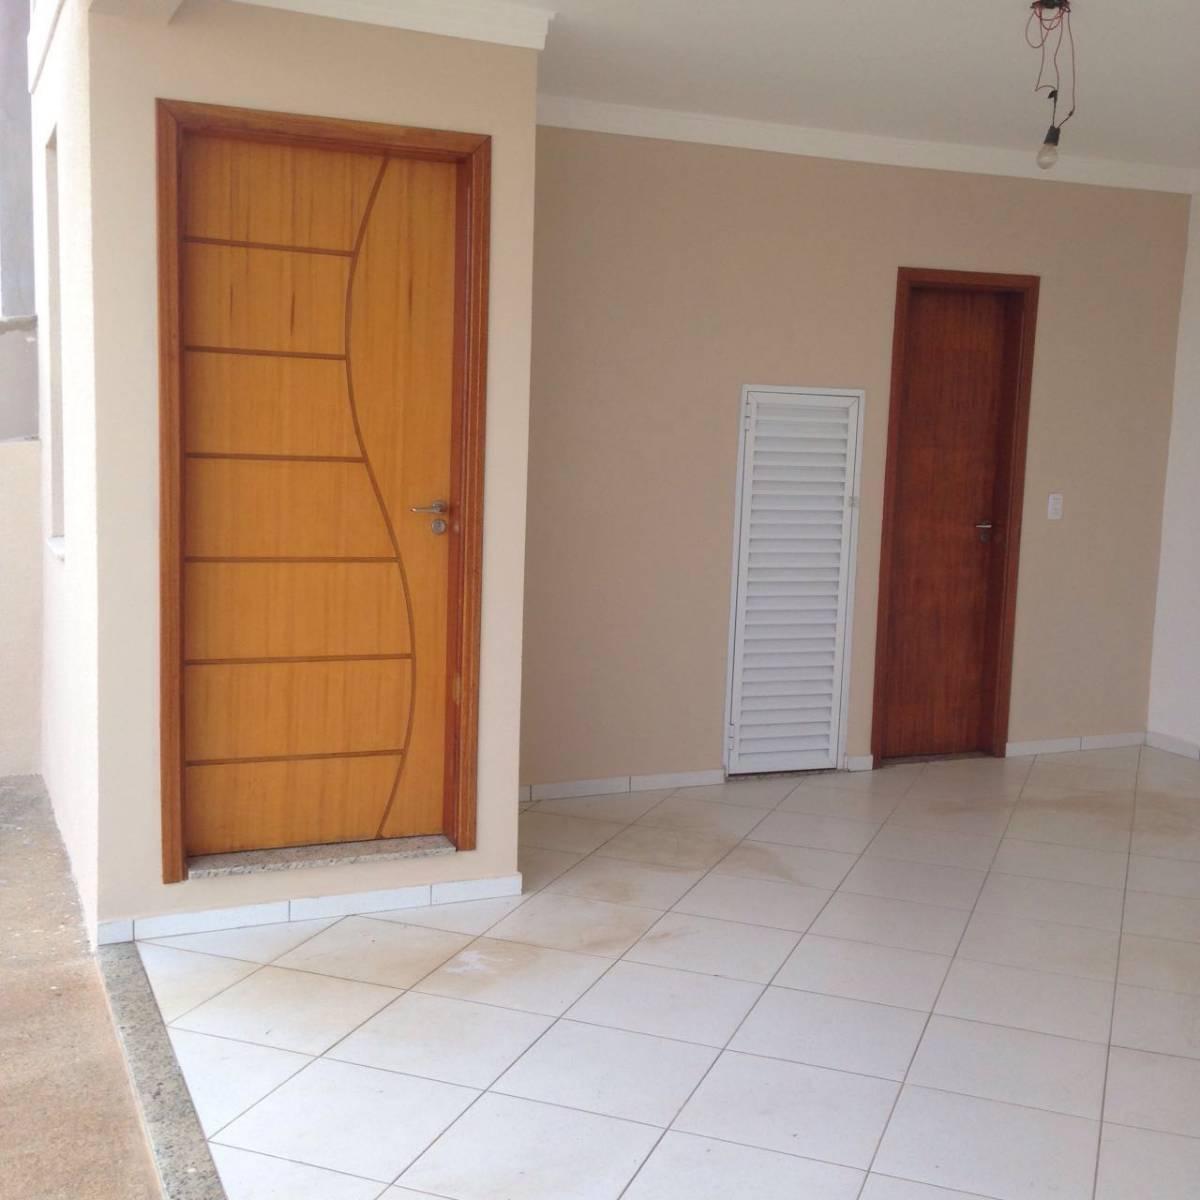 Casa / Sobrado em condomínio fechado em Indaiatuba (Abaixo do valor de mercado)